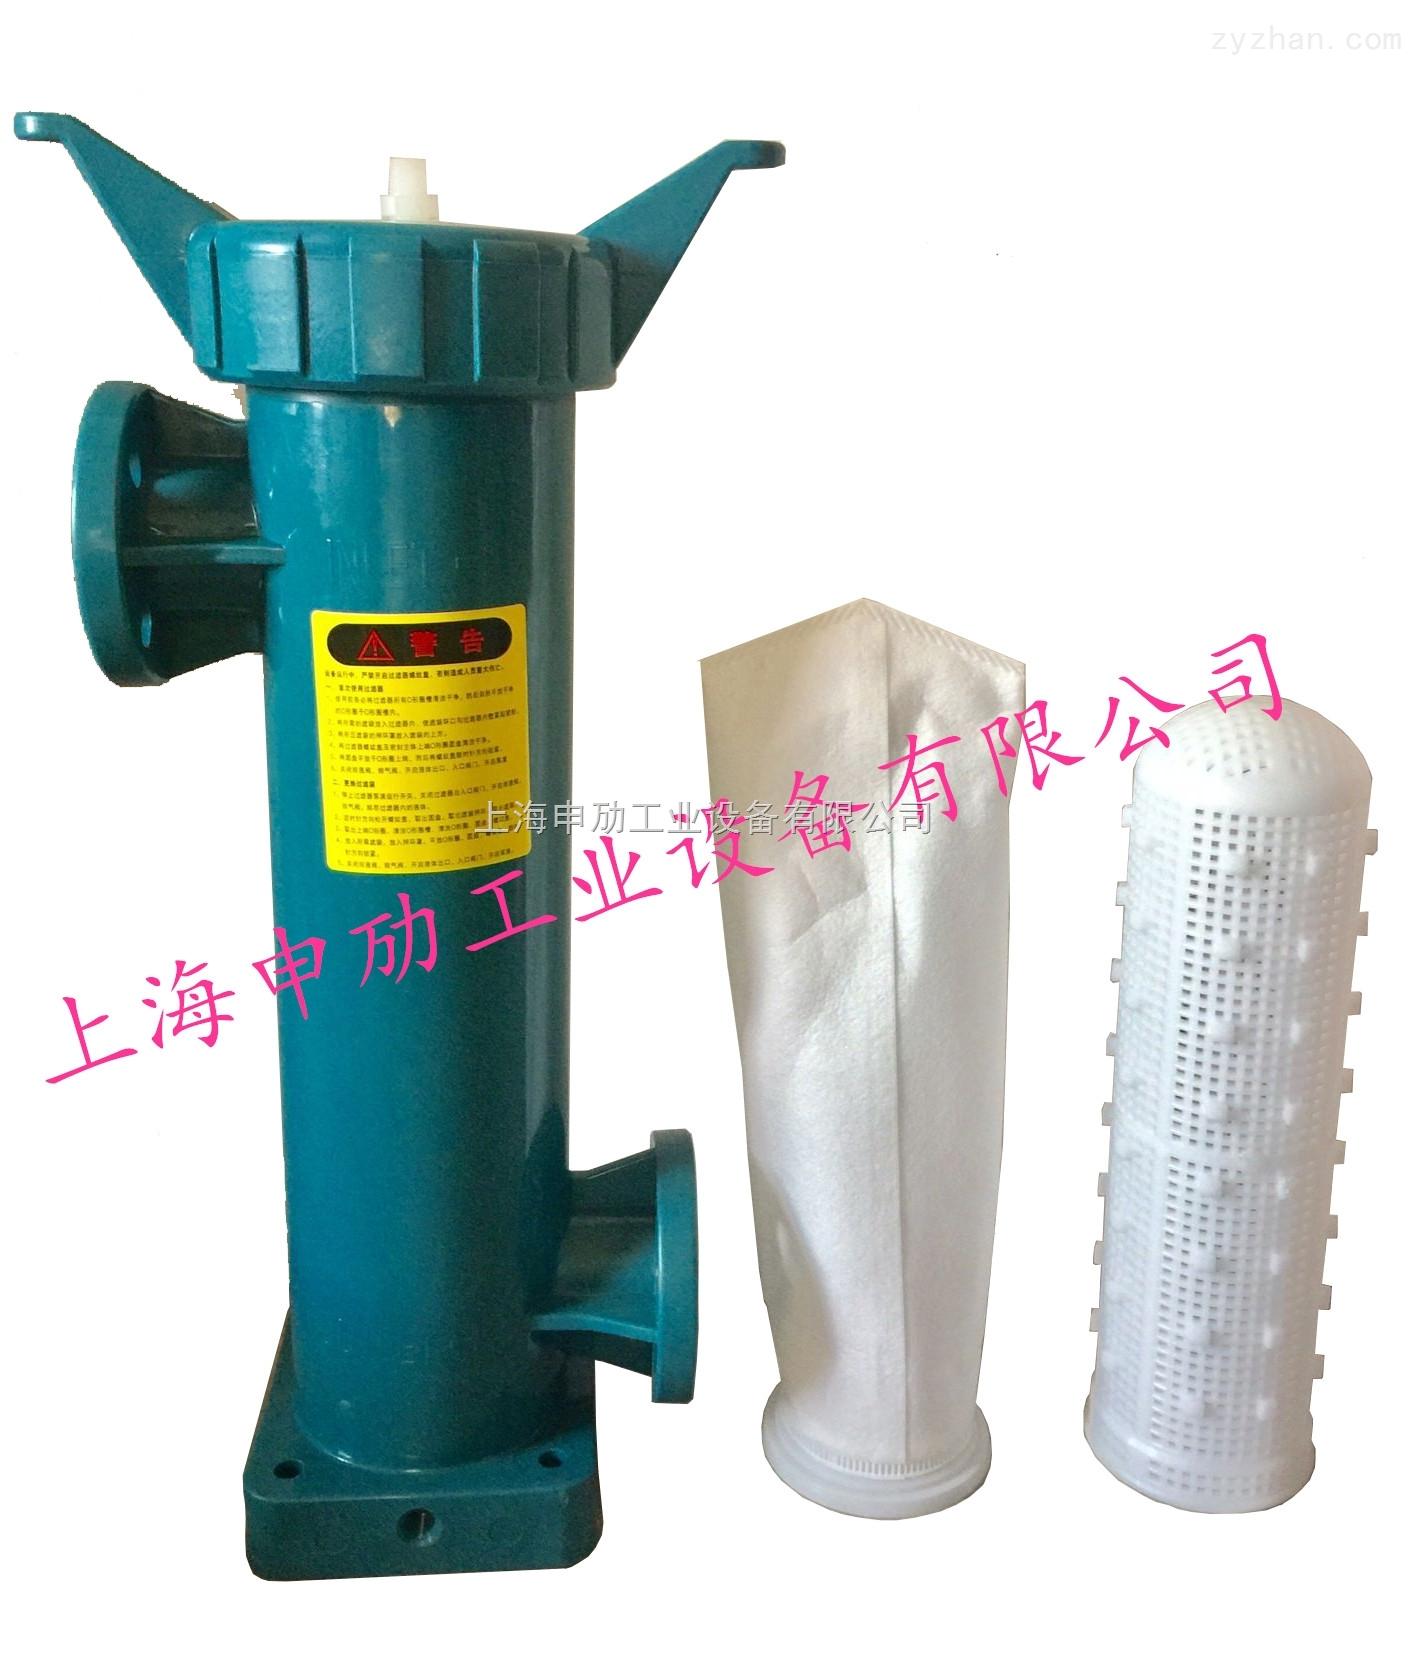 上海PP袋式过滤器/滤袋式过滤器